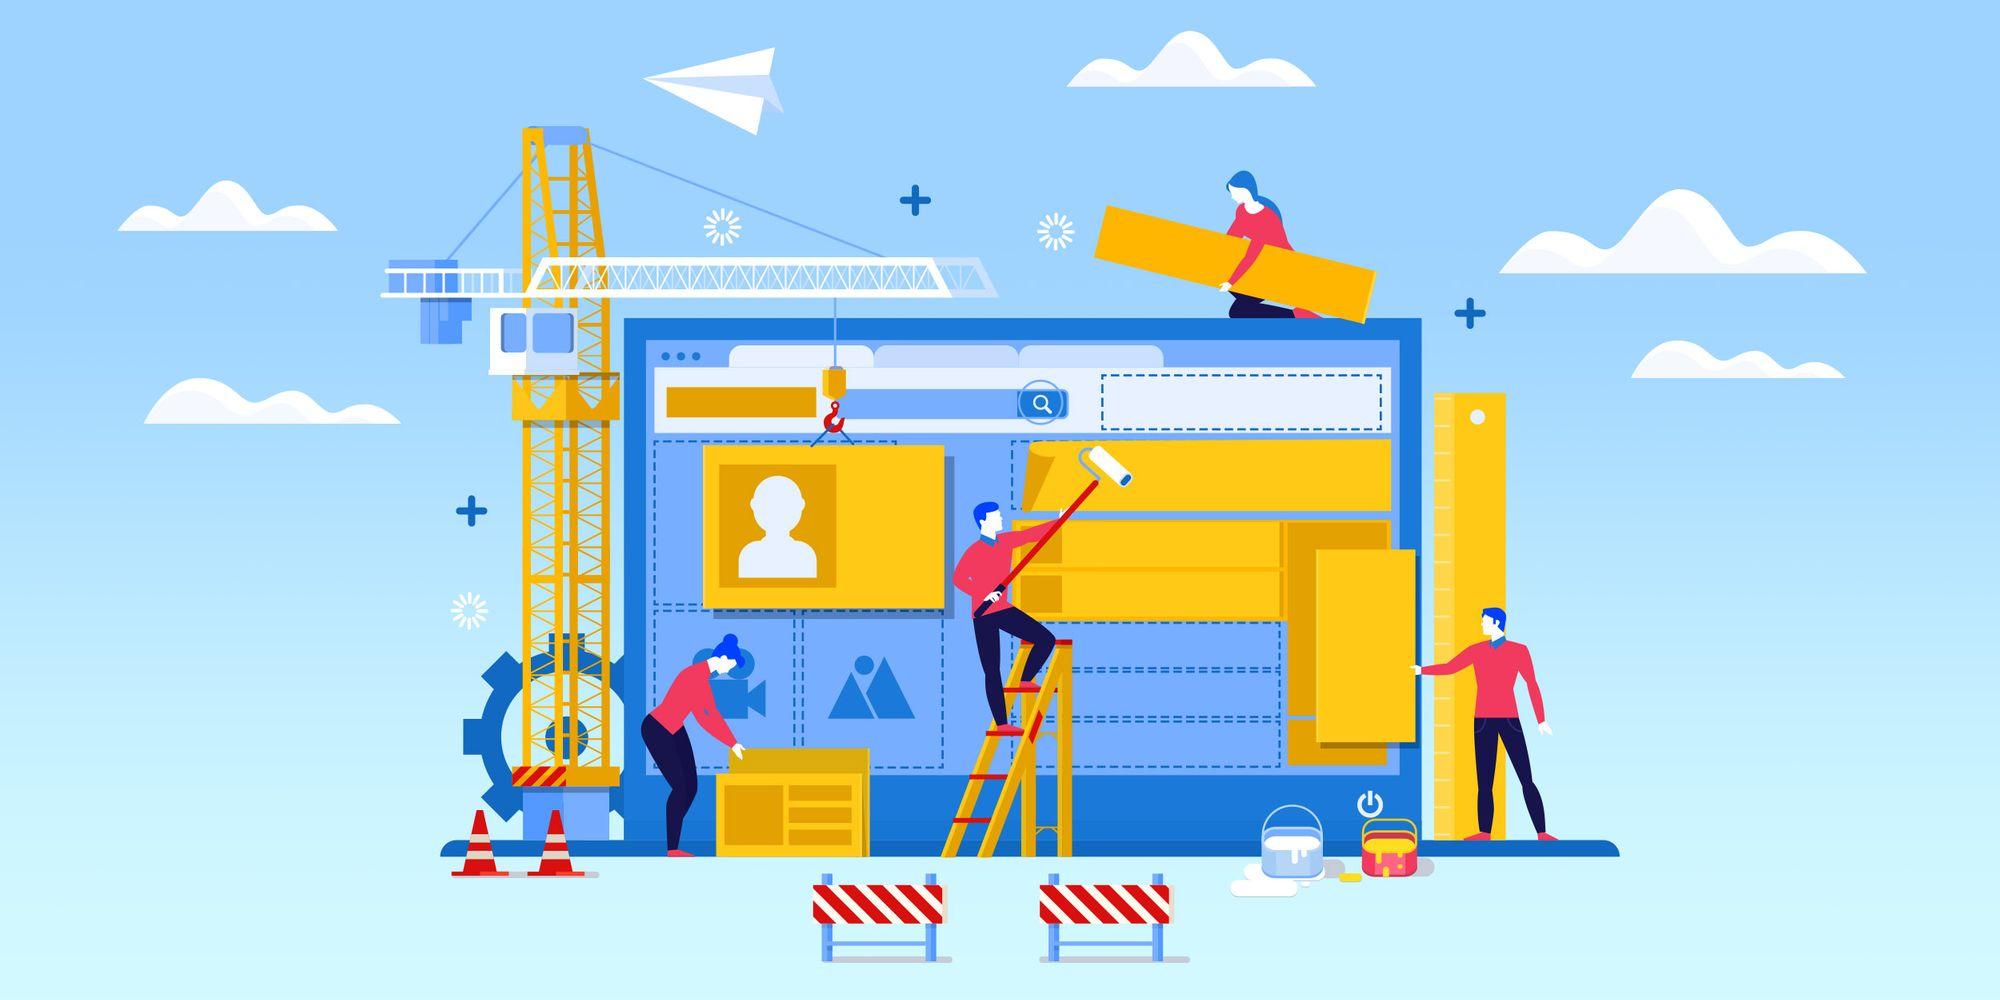 Создание сайта в конструкторе самостоятельно или заказать в веб-студии